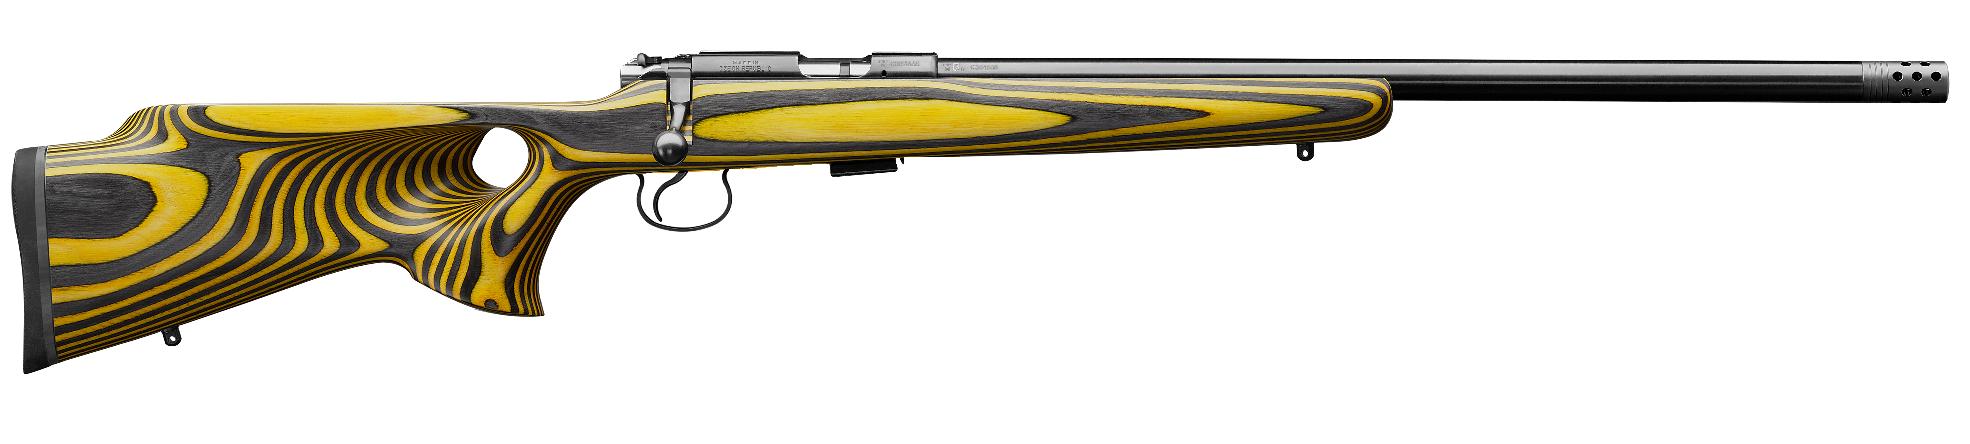 CZ 455 Crosse Yellow